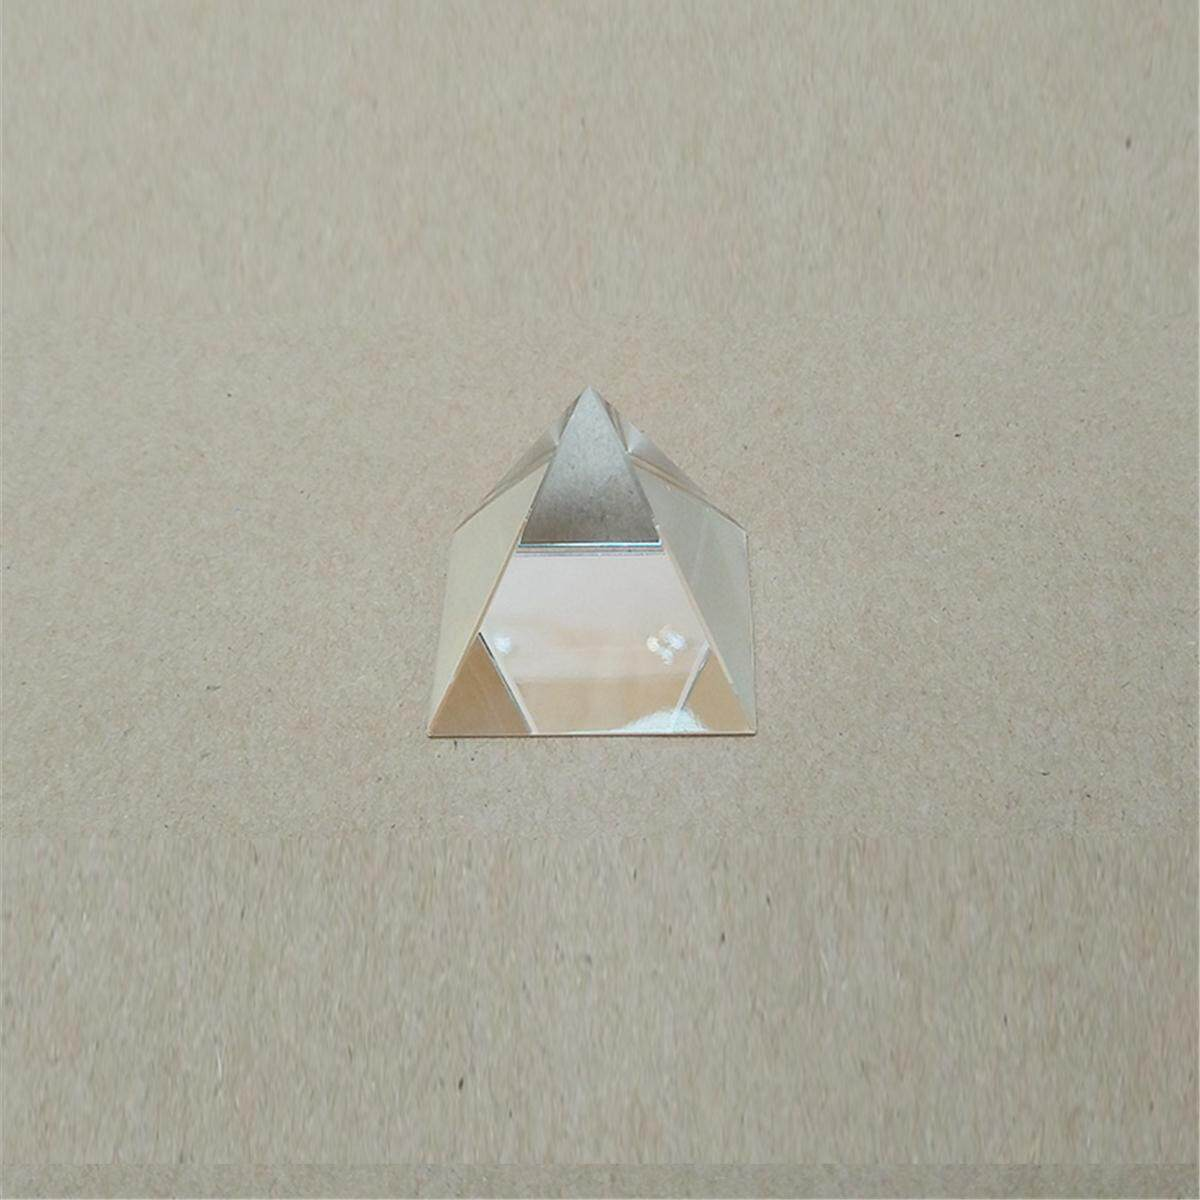 40 Mm Prisma Kaca Optik Sorotan Splitter Kristal Pyramid untuk Ilmu Optik DIY #100 Mm-Internasional